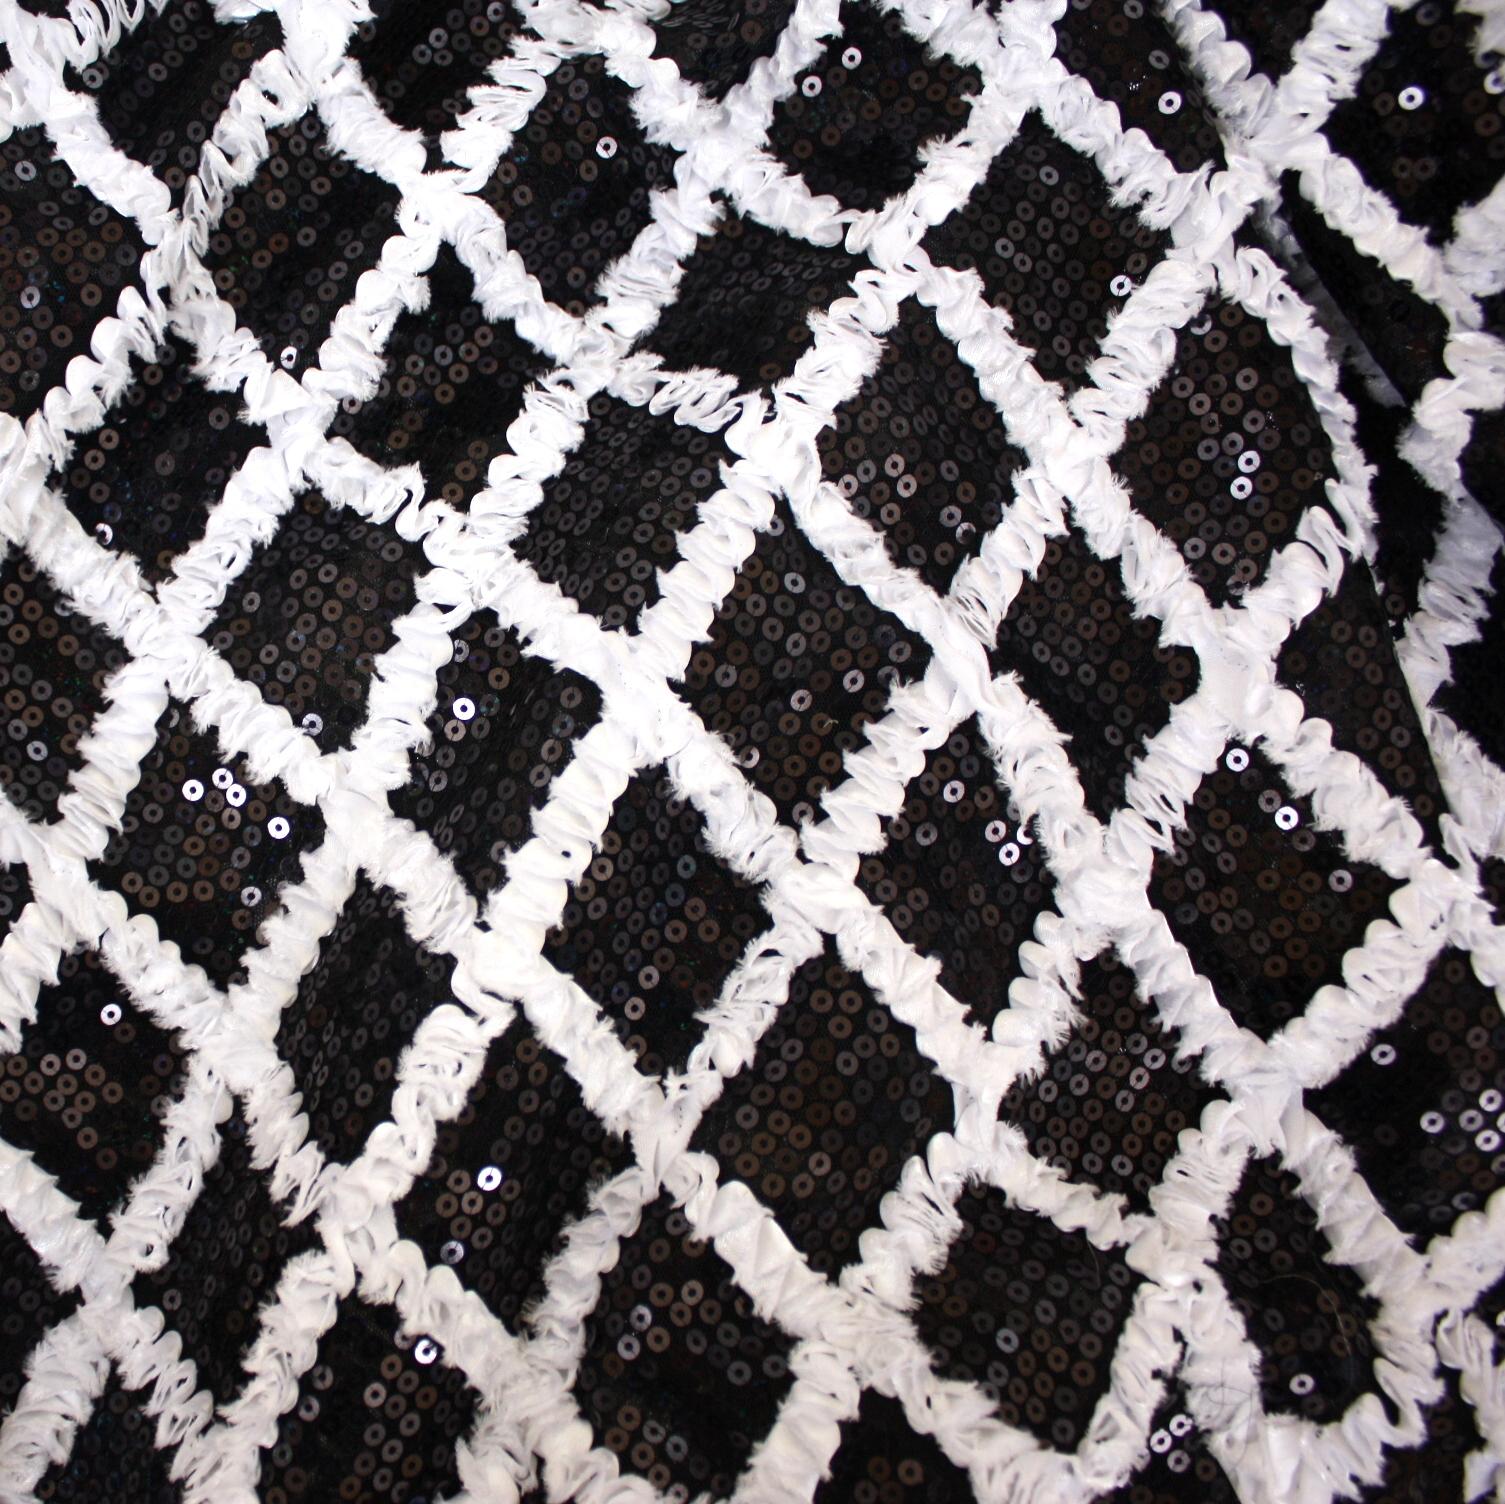 Black&WhiteSequinRuffle